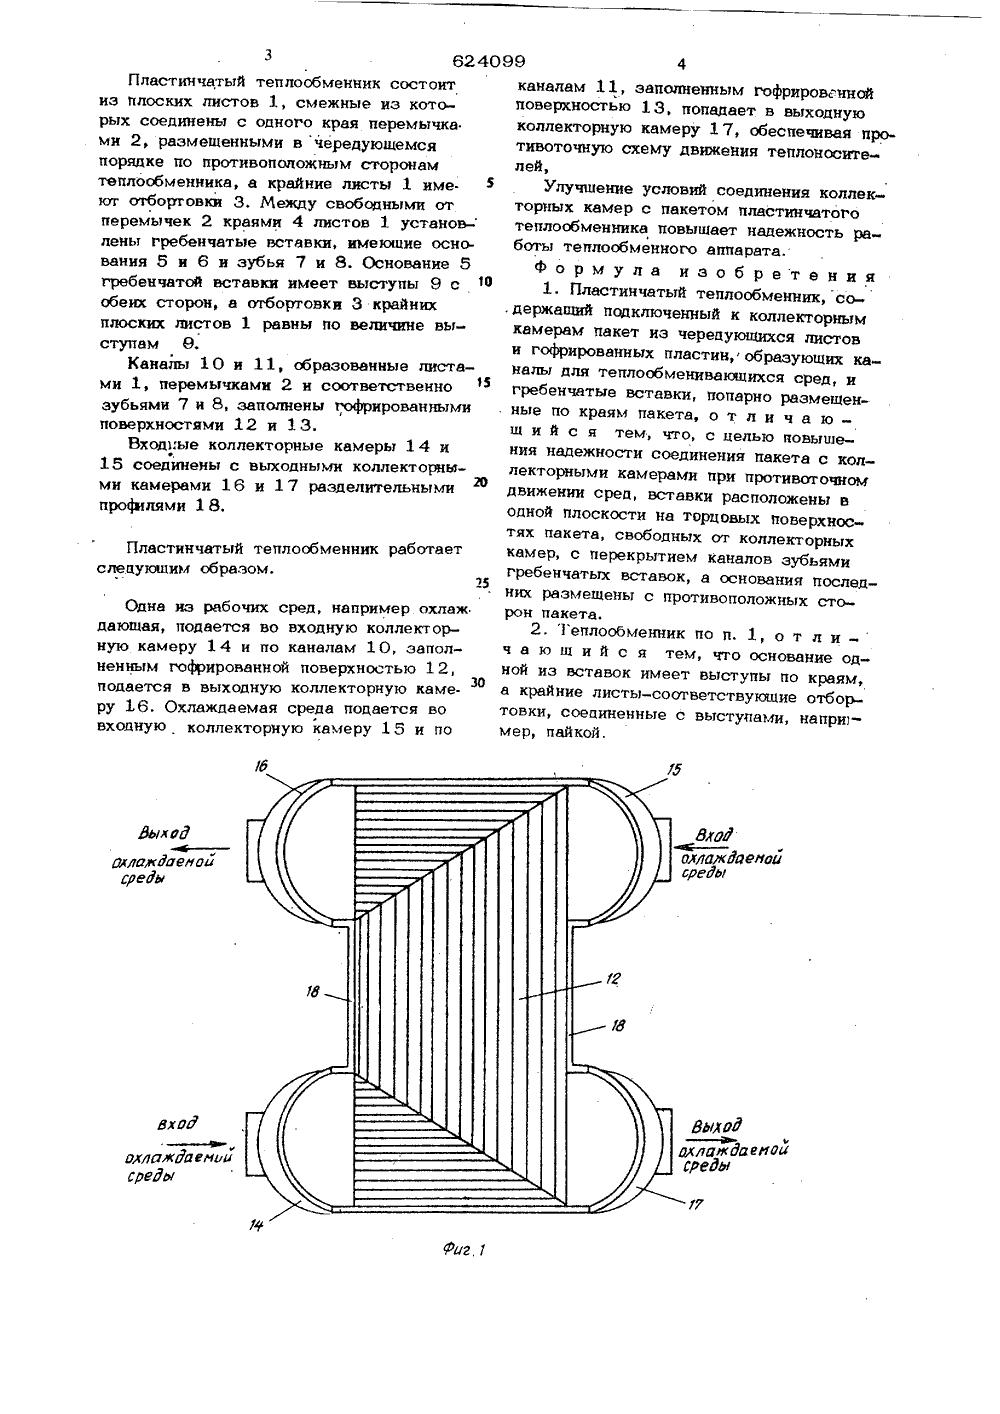 Как работает теплообменник пластинчатый теплообменник 12 м кв